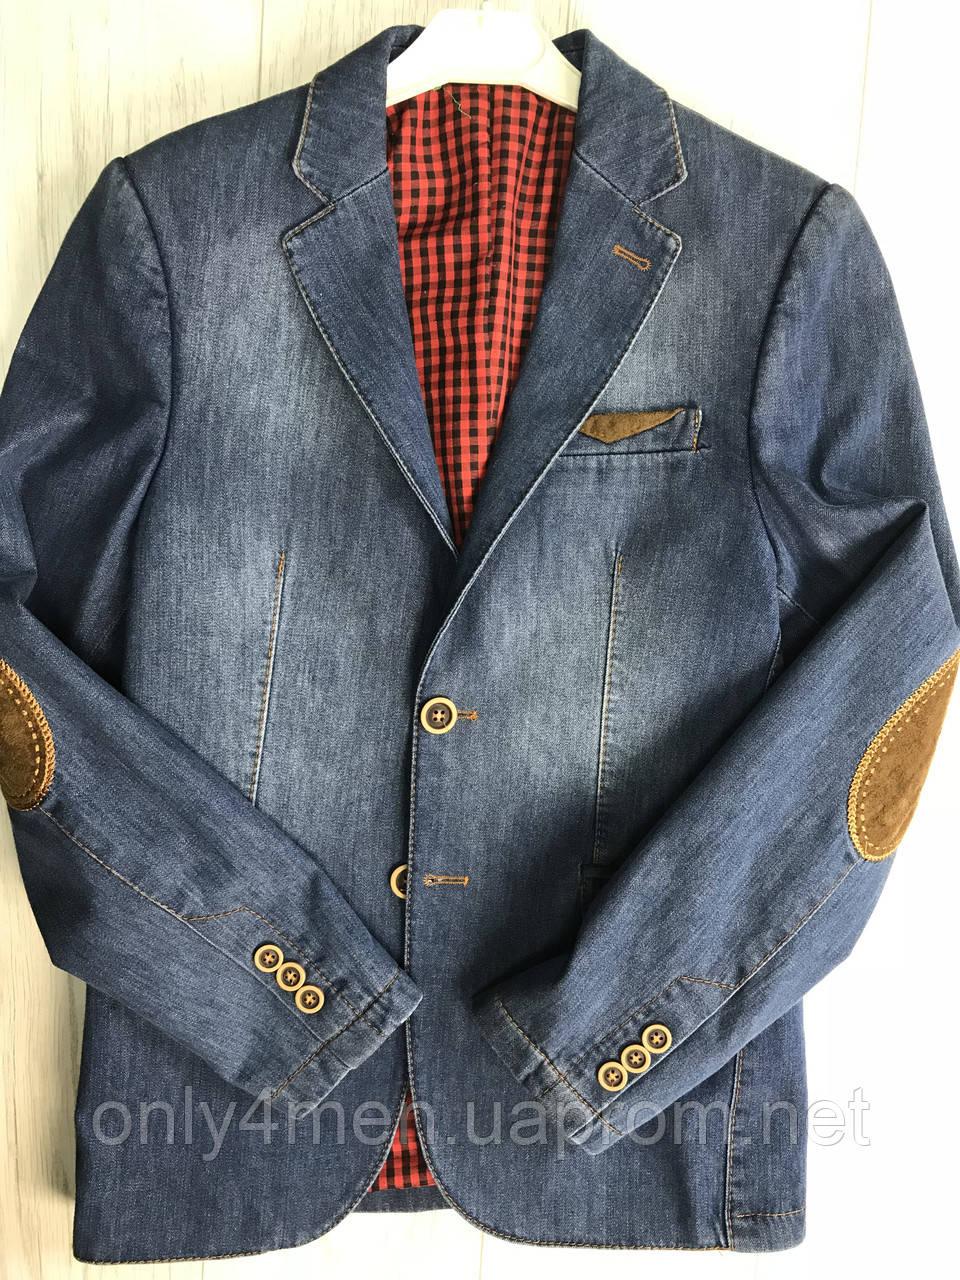 Пиджак джинсовый для мальчика на 146см